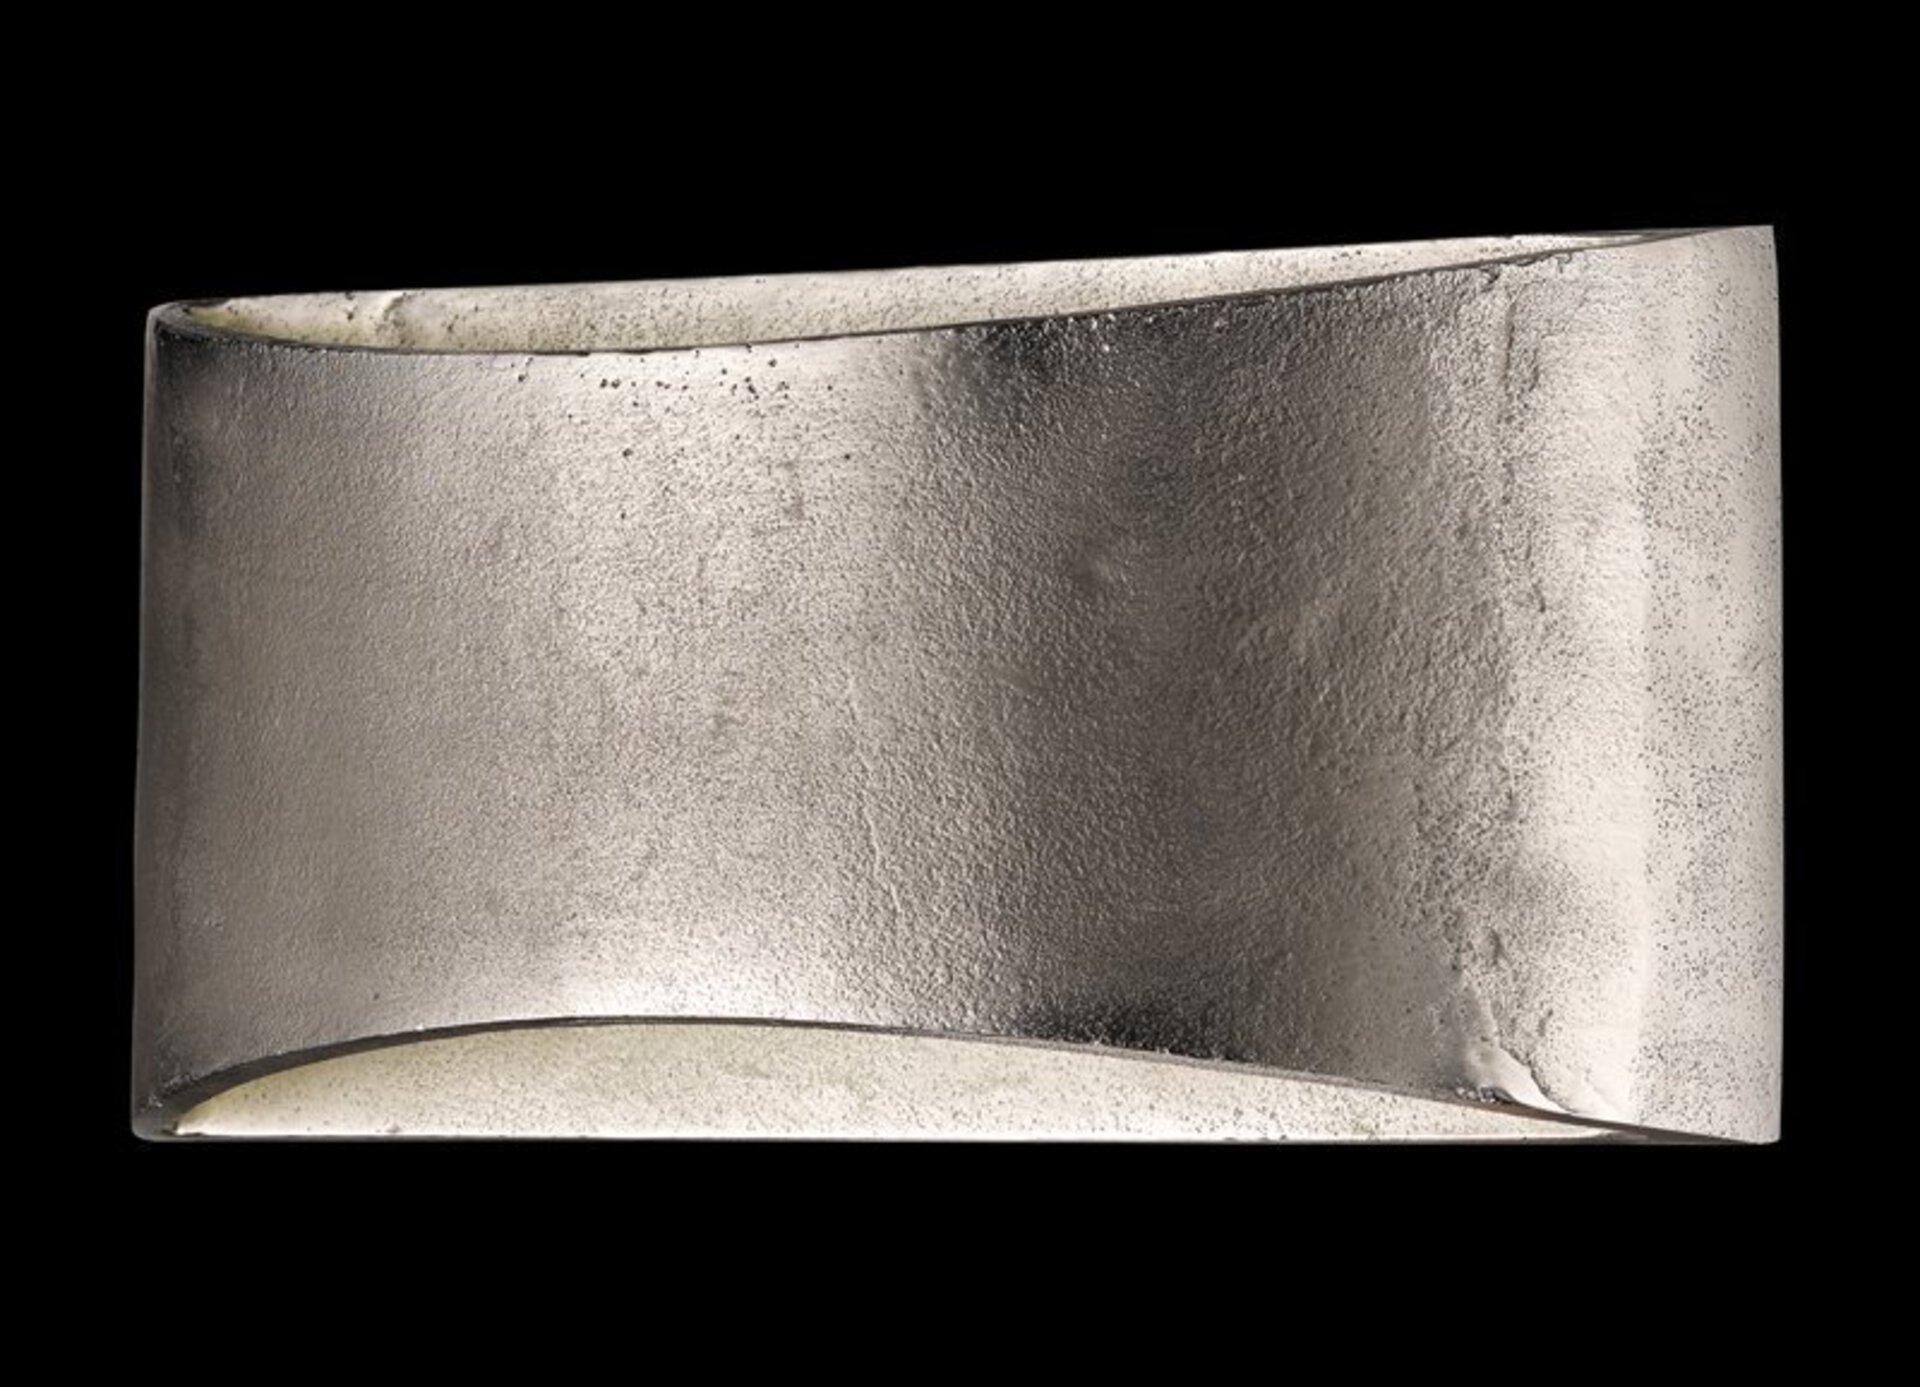 Wandleuchte Arles Fischer-Honsel Metall silber 30 x 14 x 9 cm